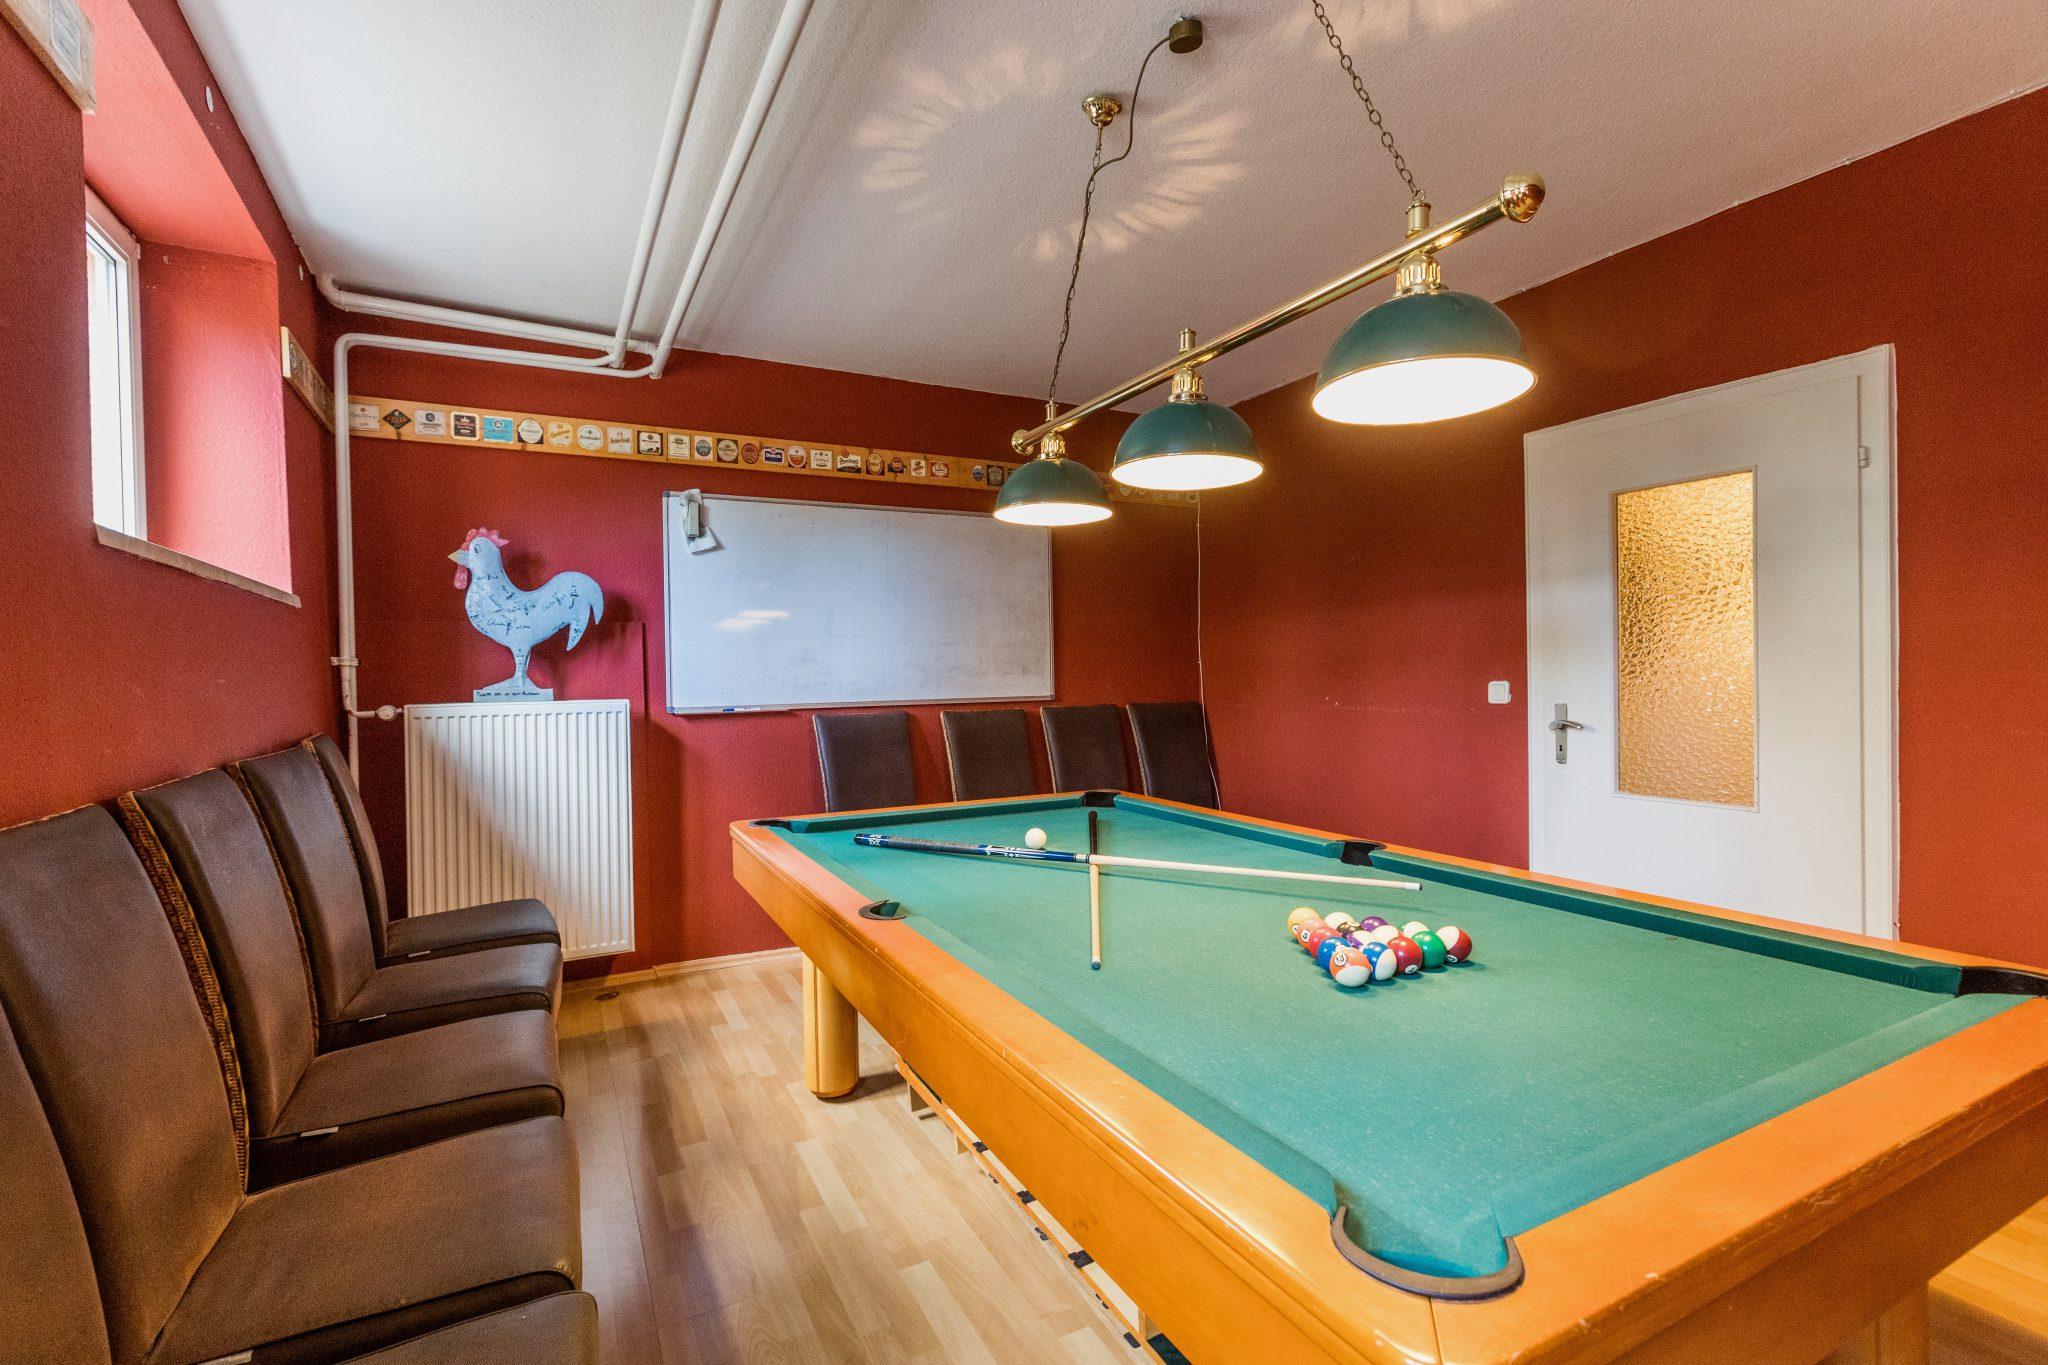 Studentenwohnheim Bingen Teutonenhaus Billard und Darts Zimmer 6